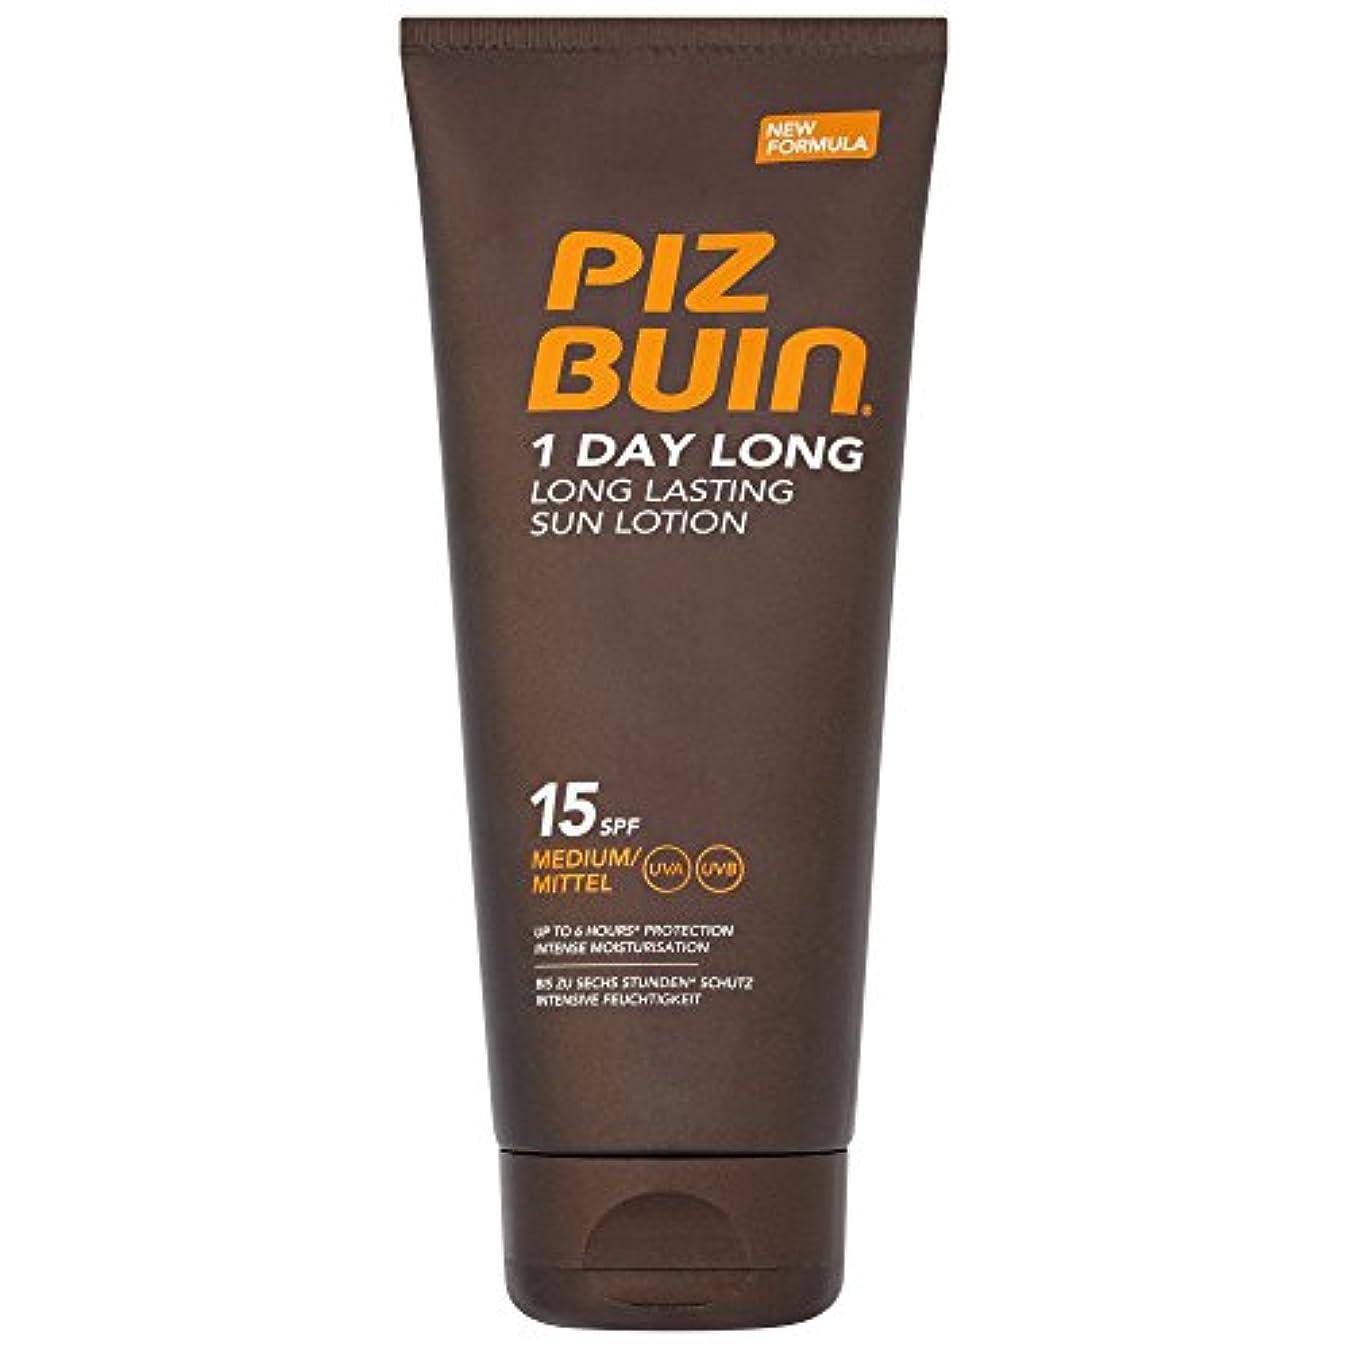 悪性のソートマネージャーPiz Buin 1 Day Long SPF15 Sun Lotion 200ml - ピッツブーインの1日長い15の日焼けローション200 [並行輸入品]